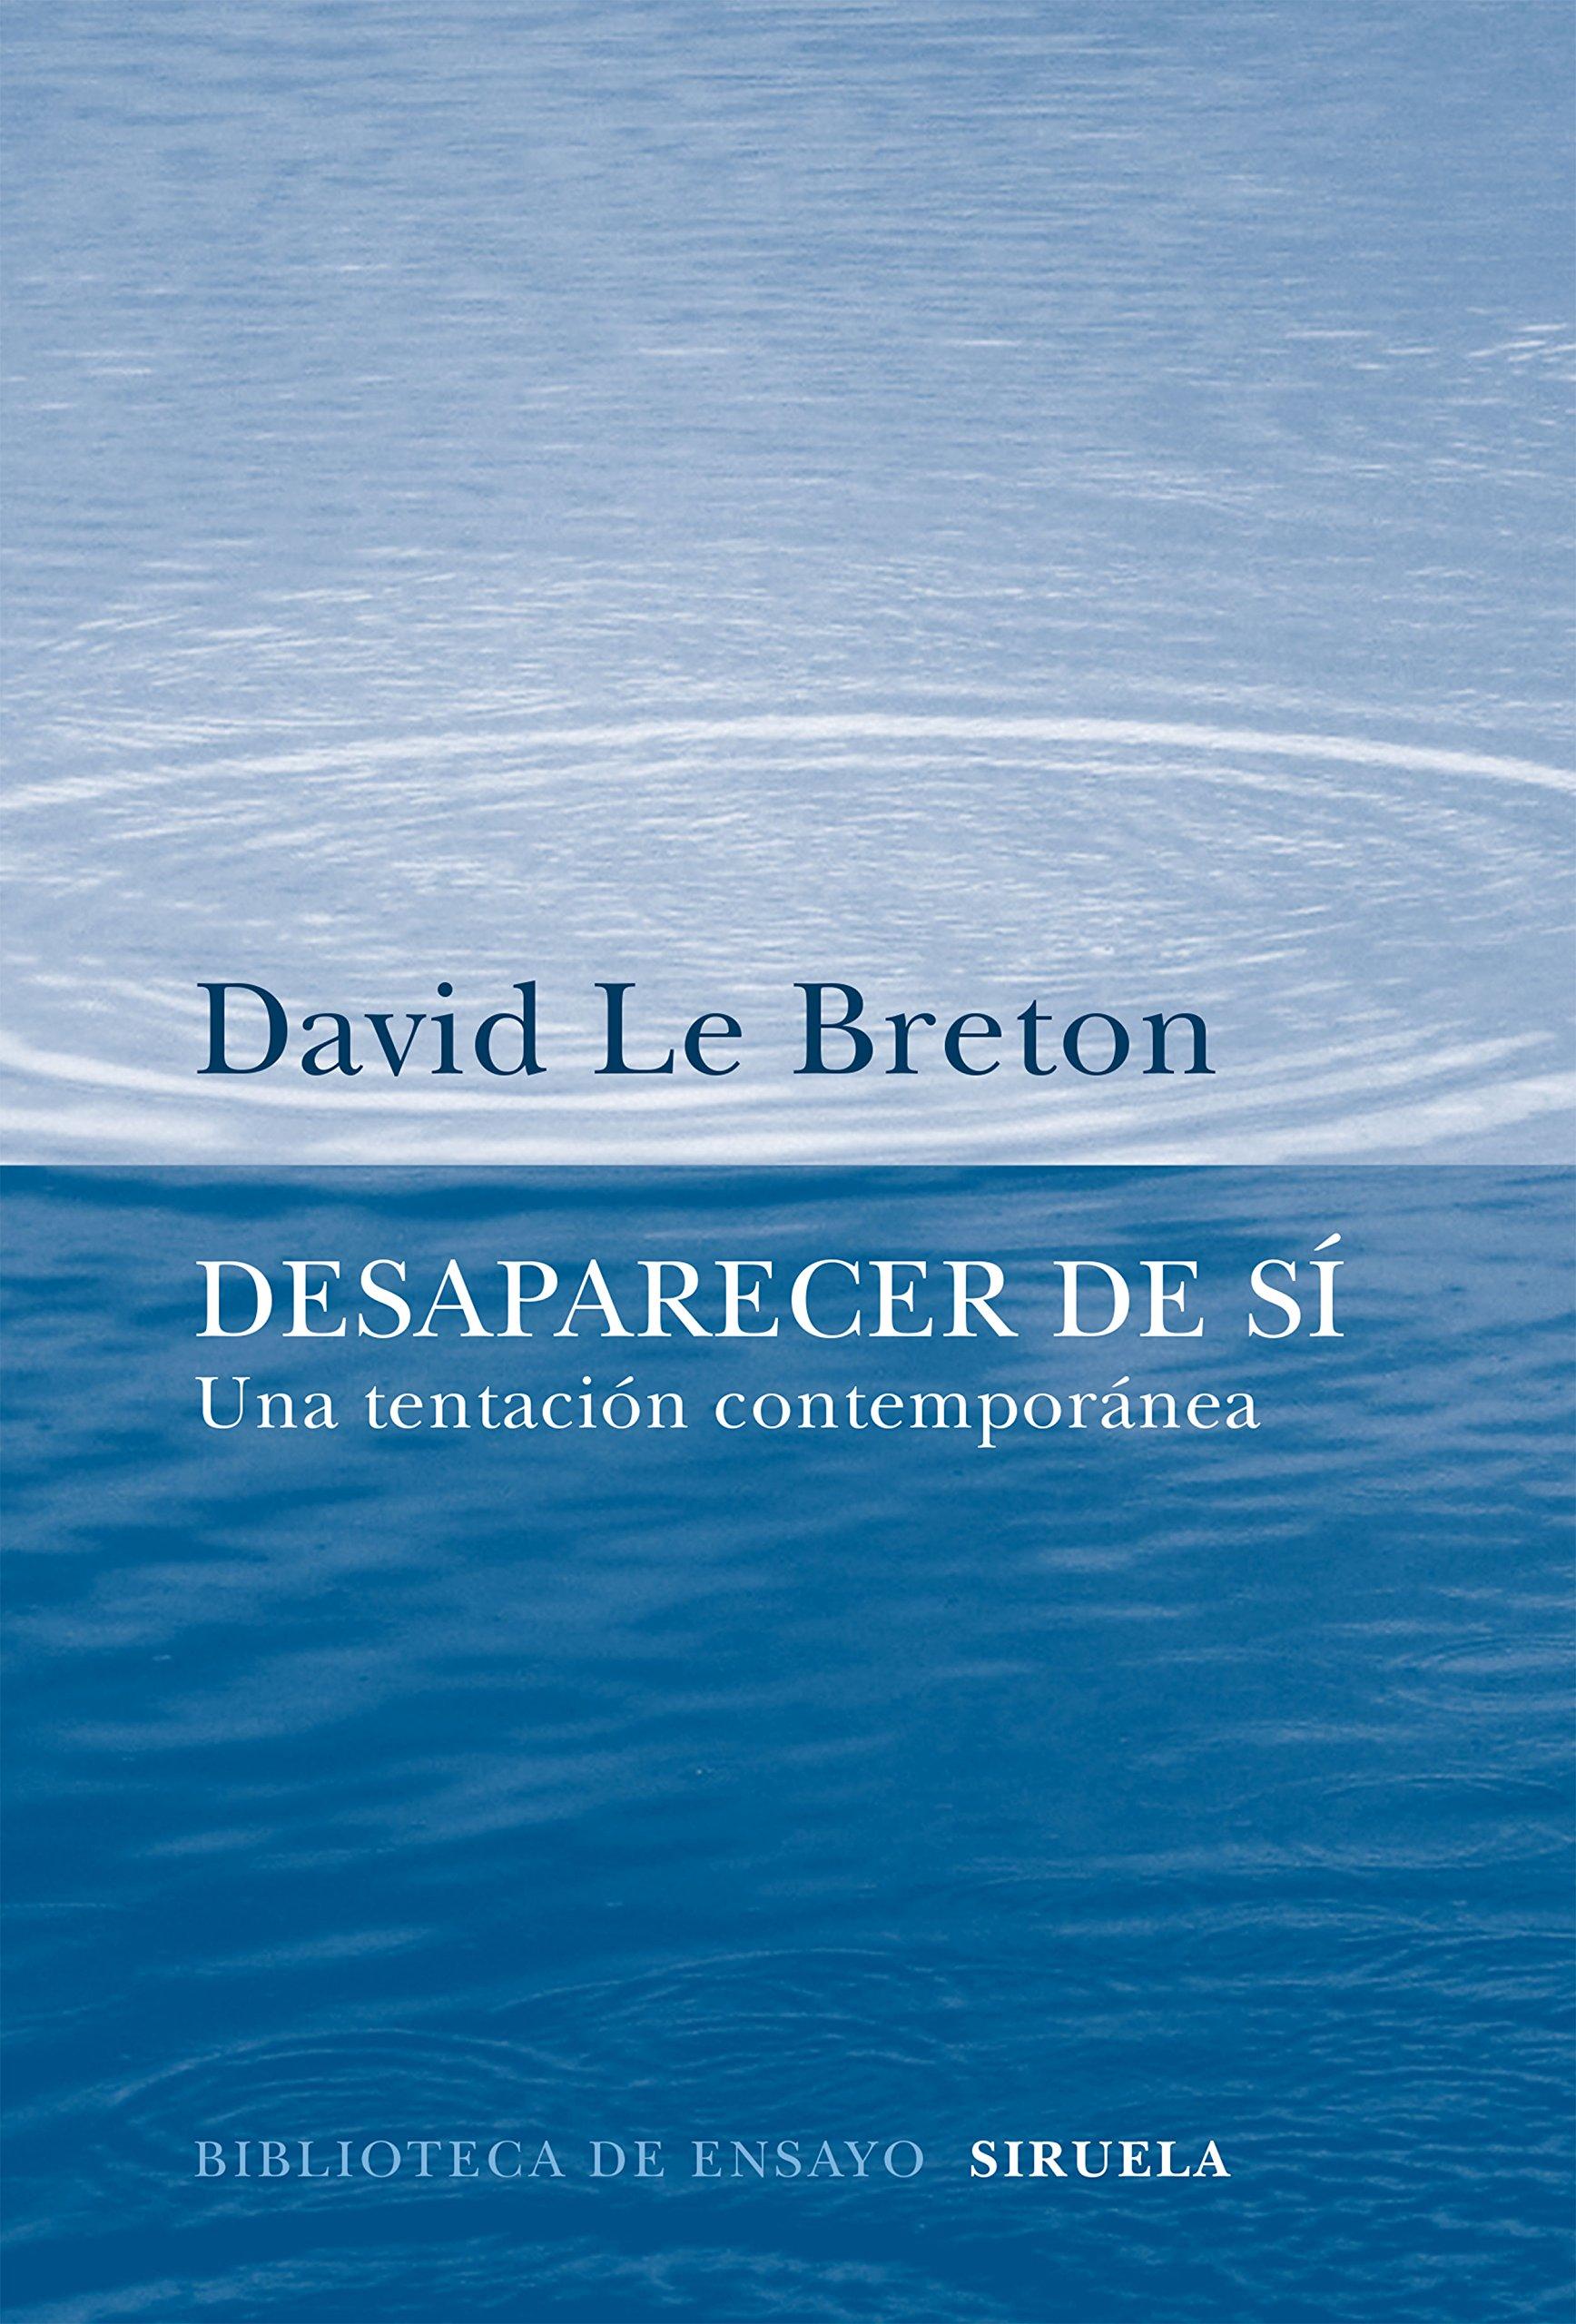 Desaparecer de sí Biblioteca de Ensayo / Serie mayor: Amazon.es: David Le Breton, Hugo Castignani: Libros